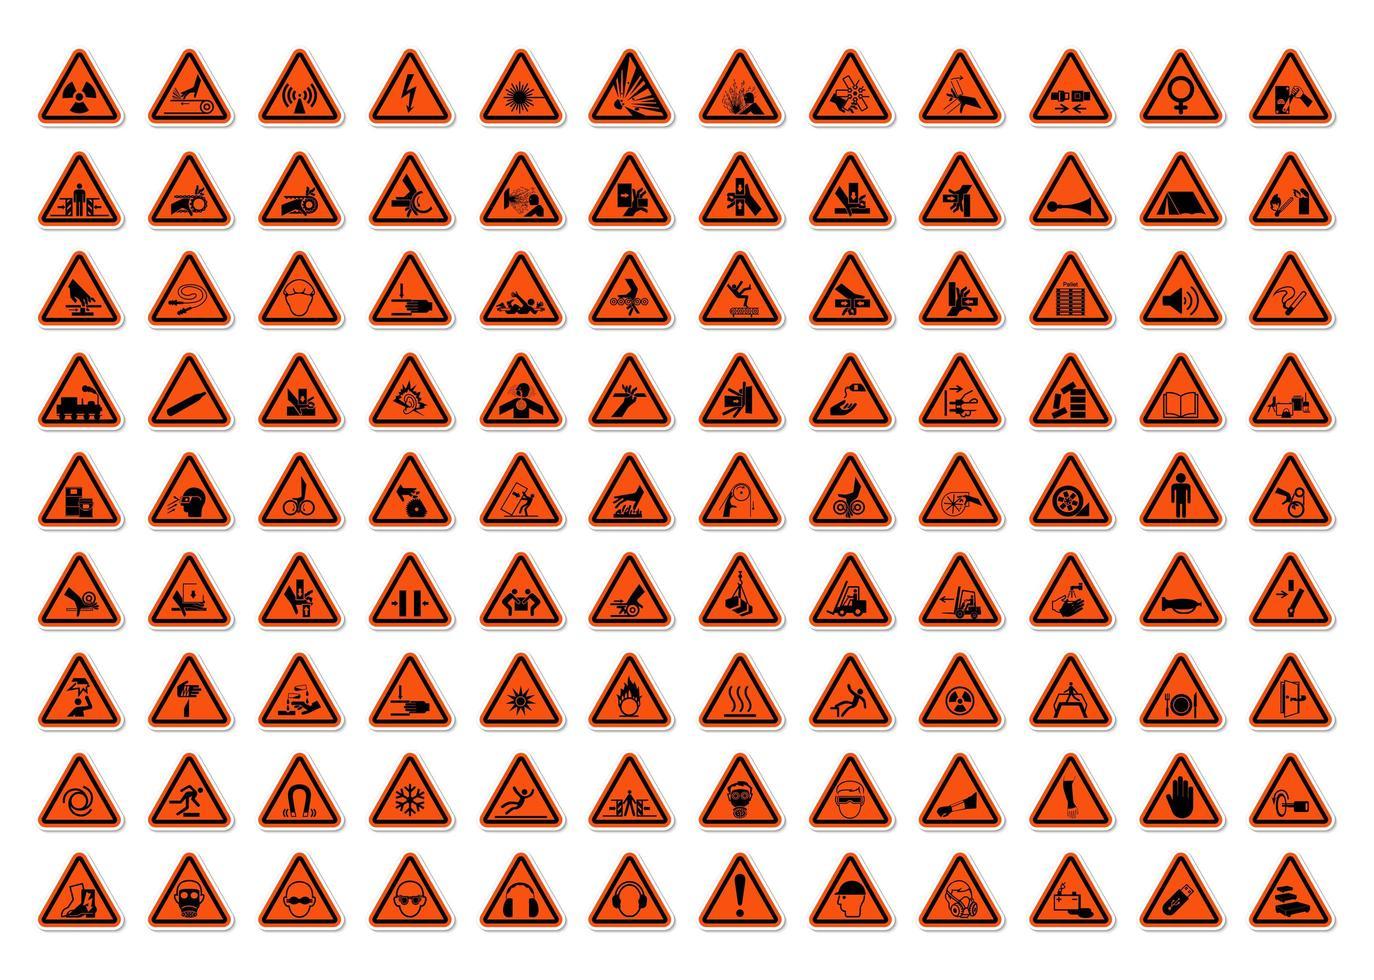 advertencia triangular símbolos de peligro etiquetas conjunto de signos vector